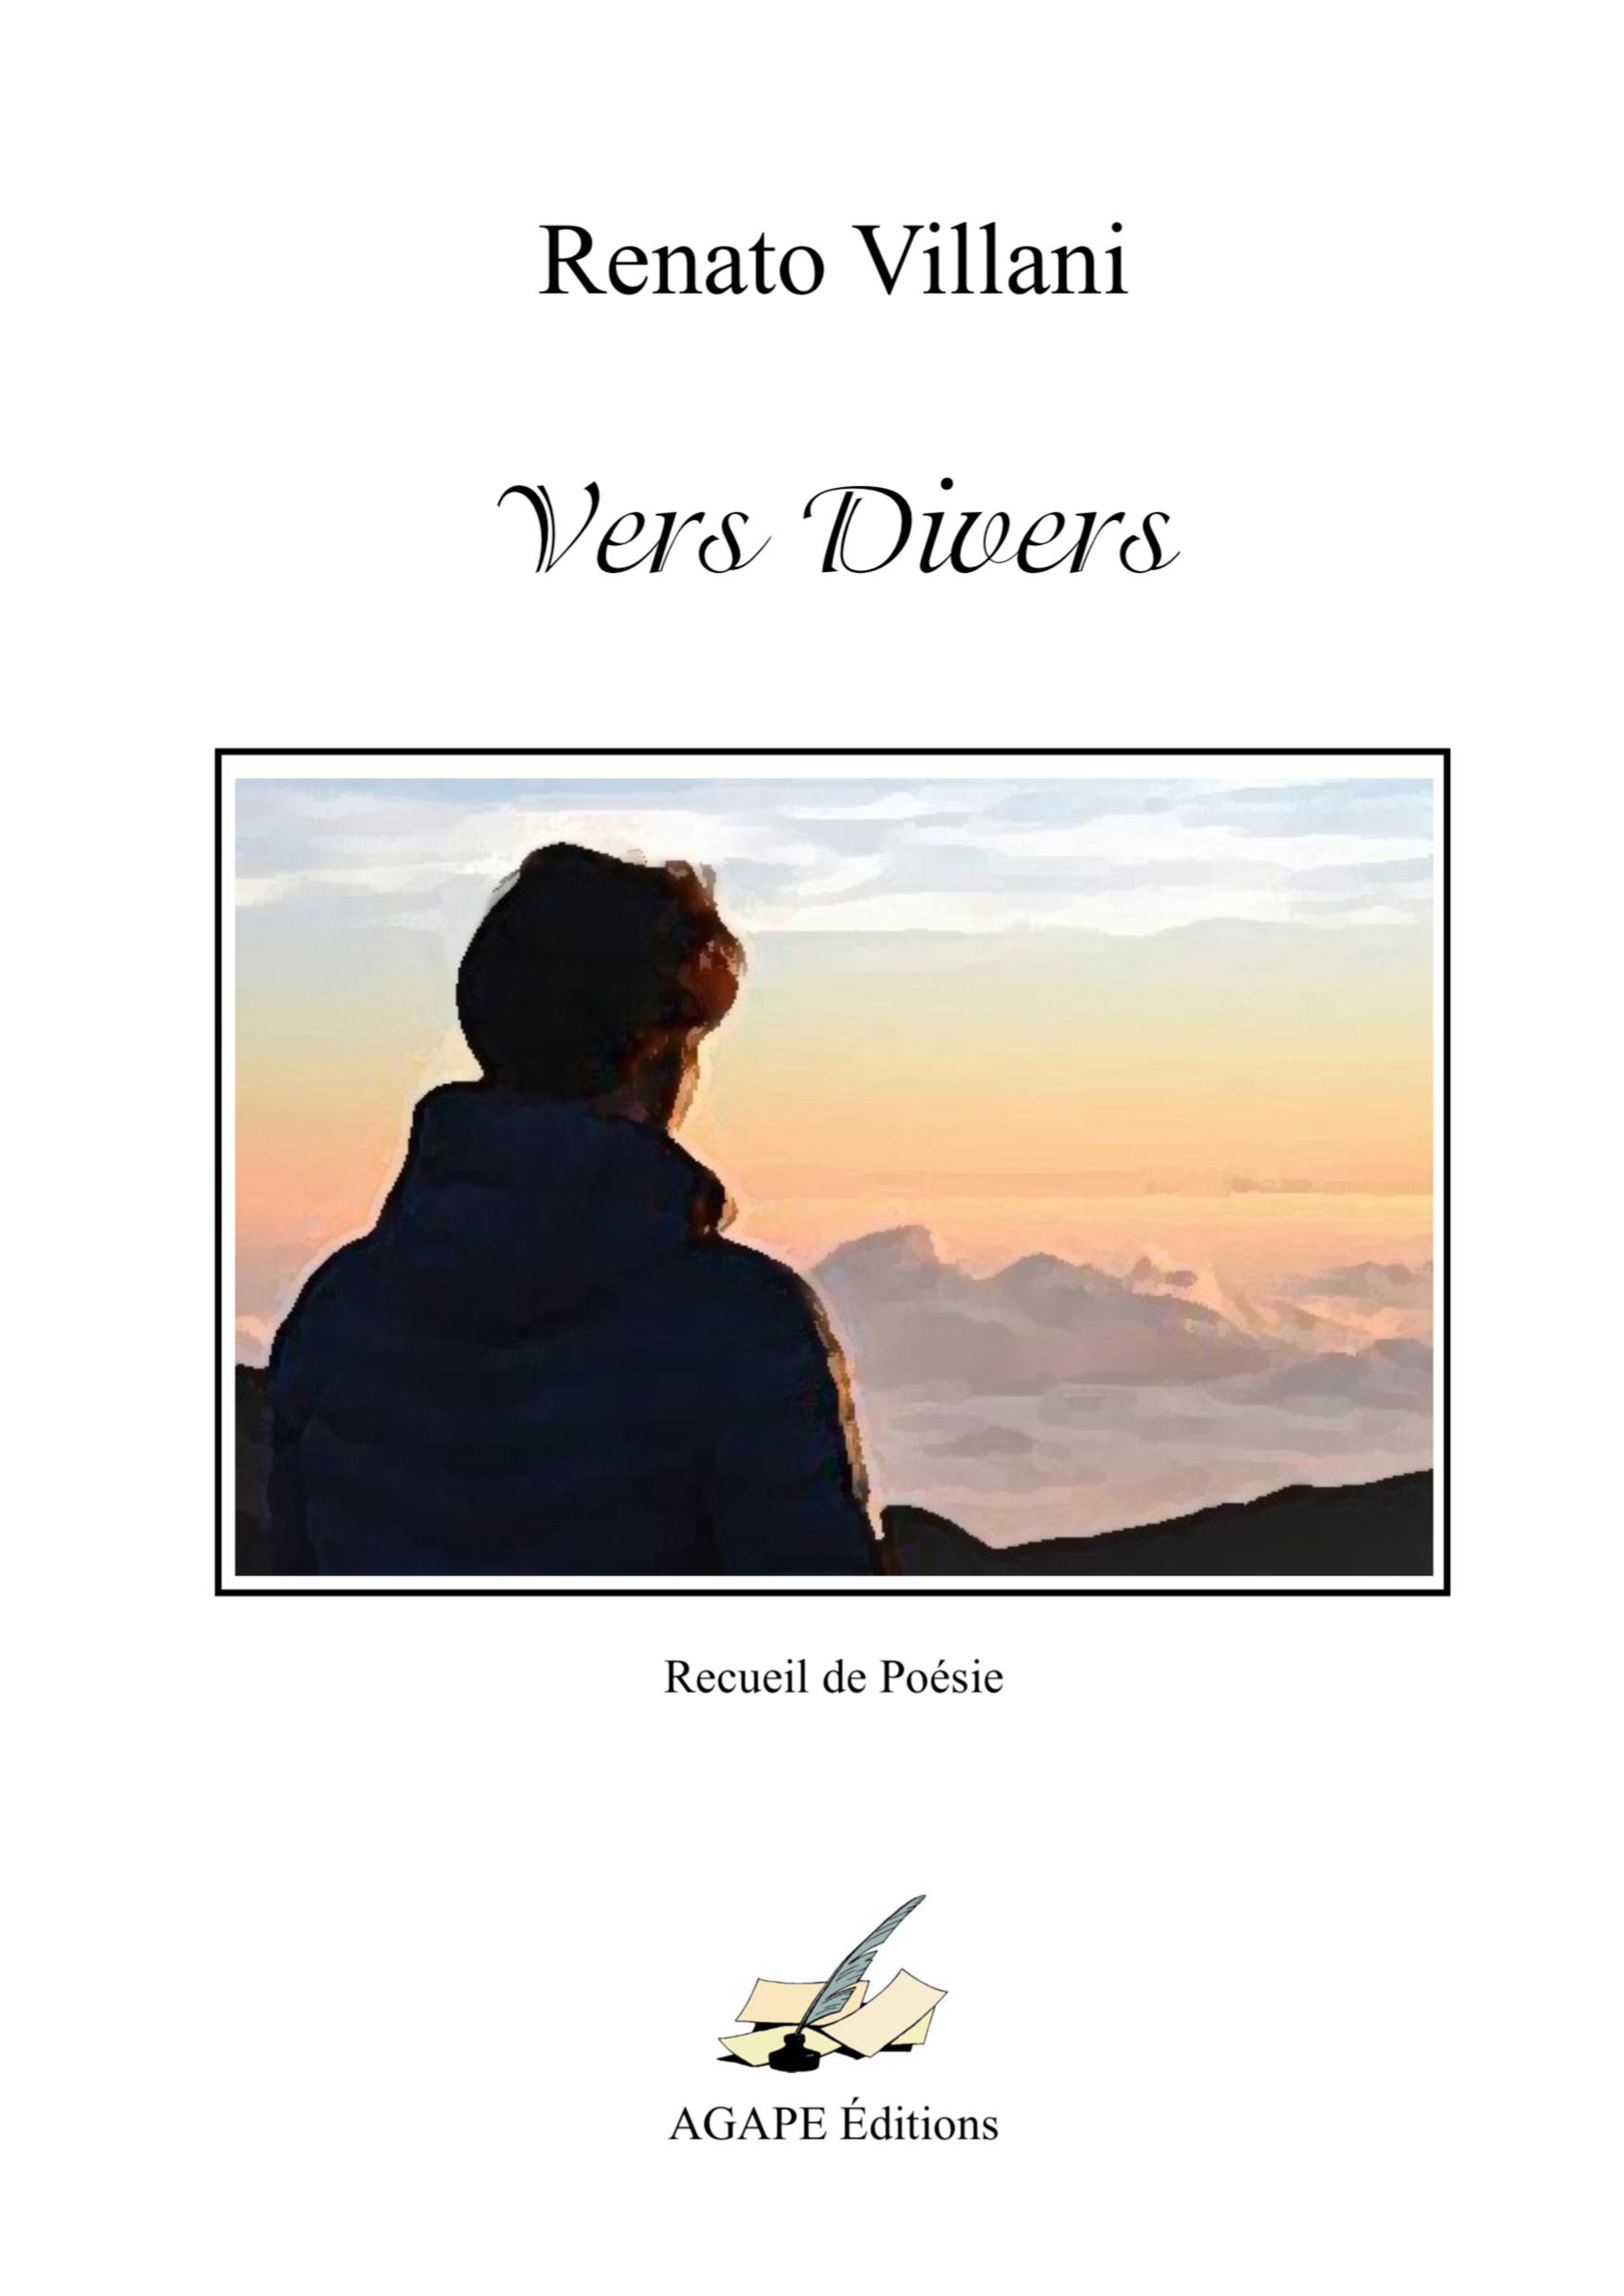 Vers Divers